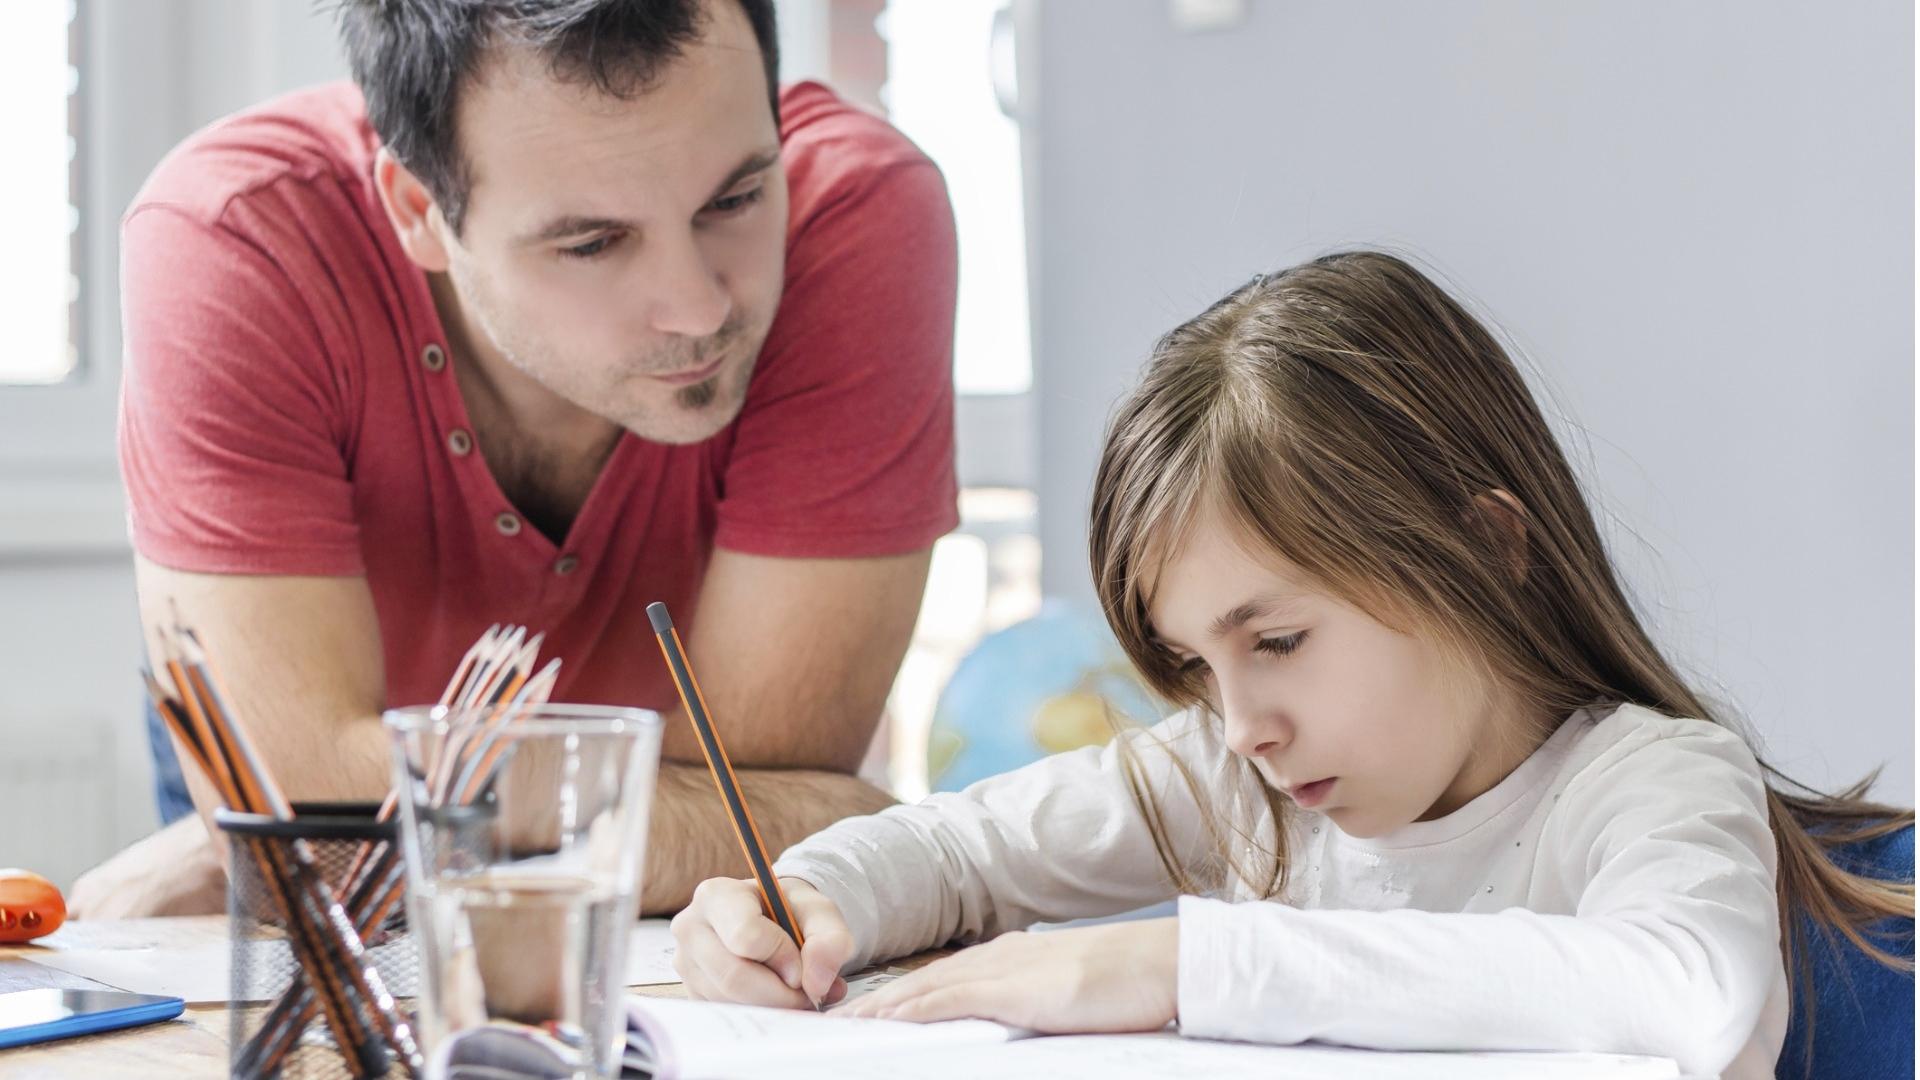 Bonusvanhemmat ovat osallistuneet yllättävän paljon puolisonsa lasten etäkoulun tukemiseen korona-aikana.